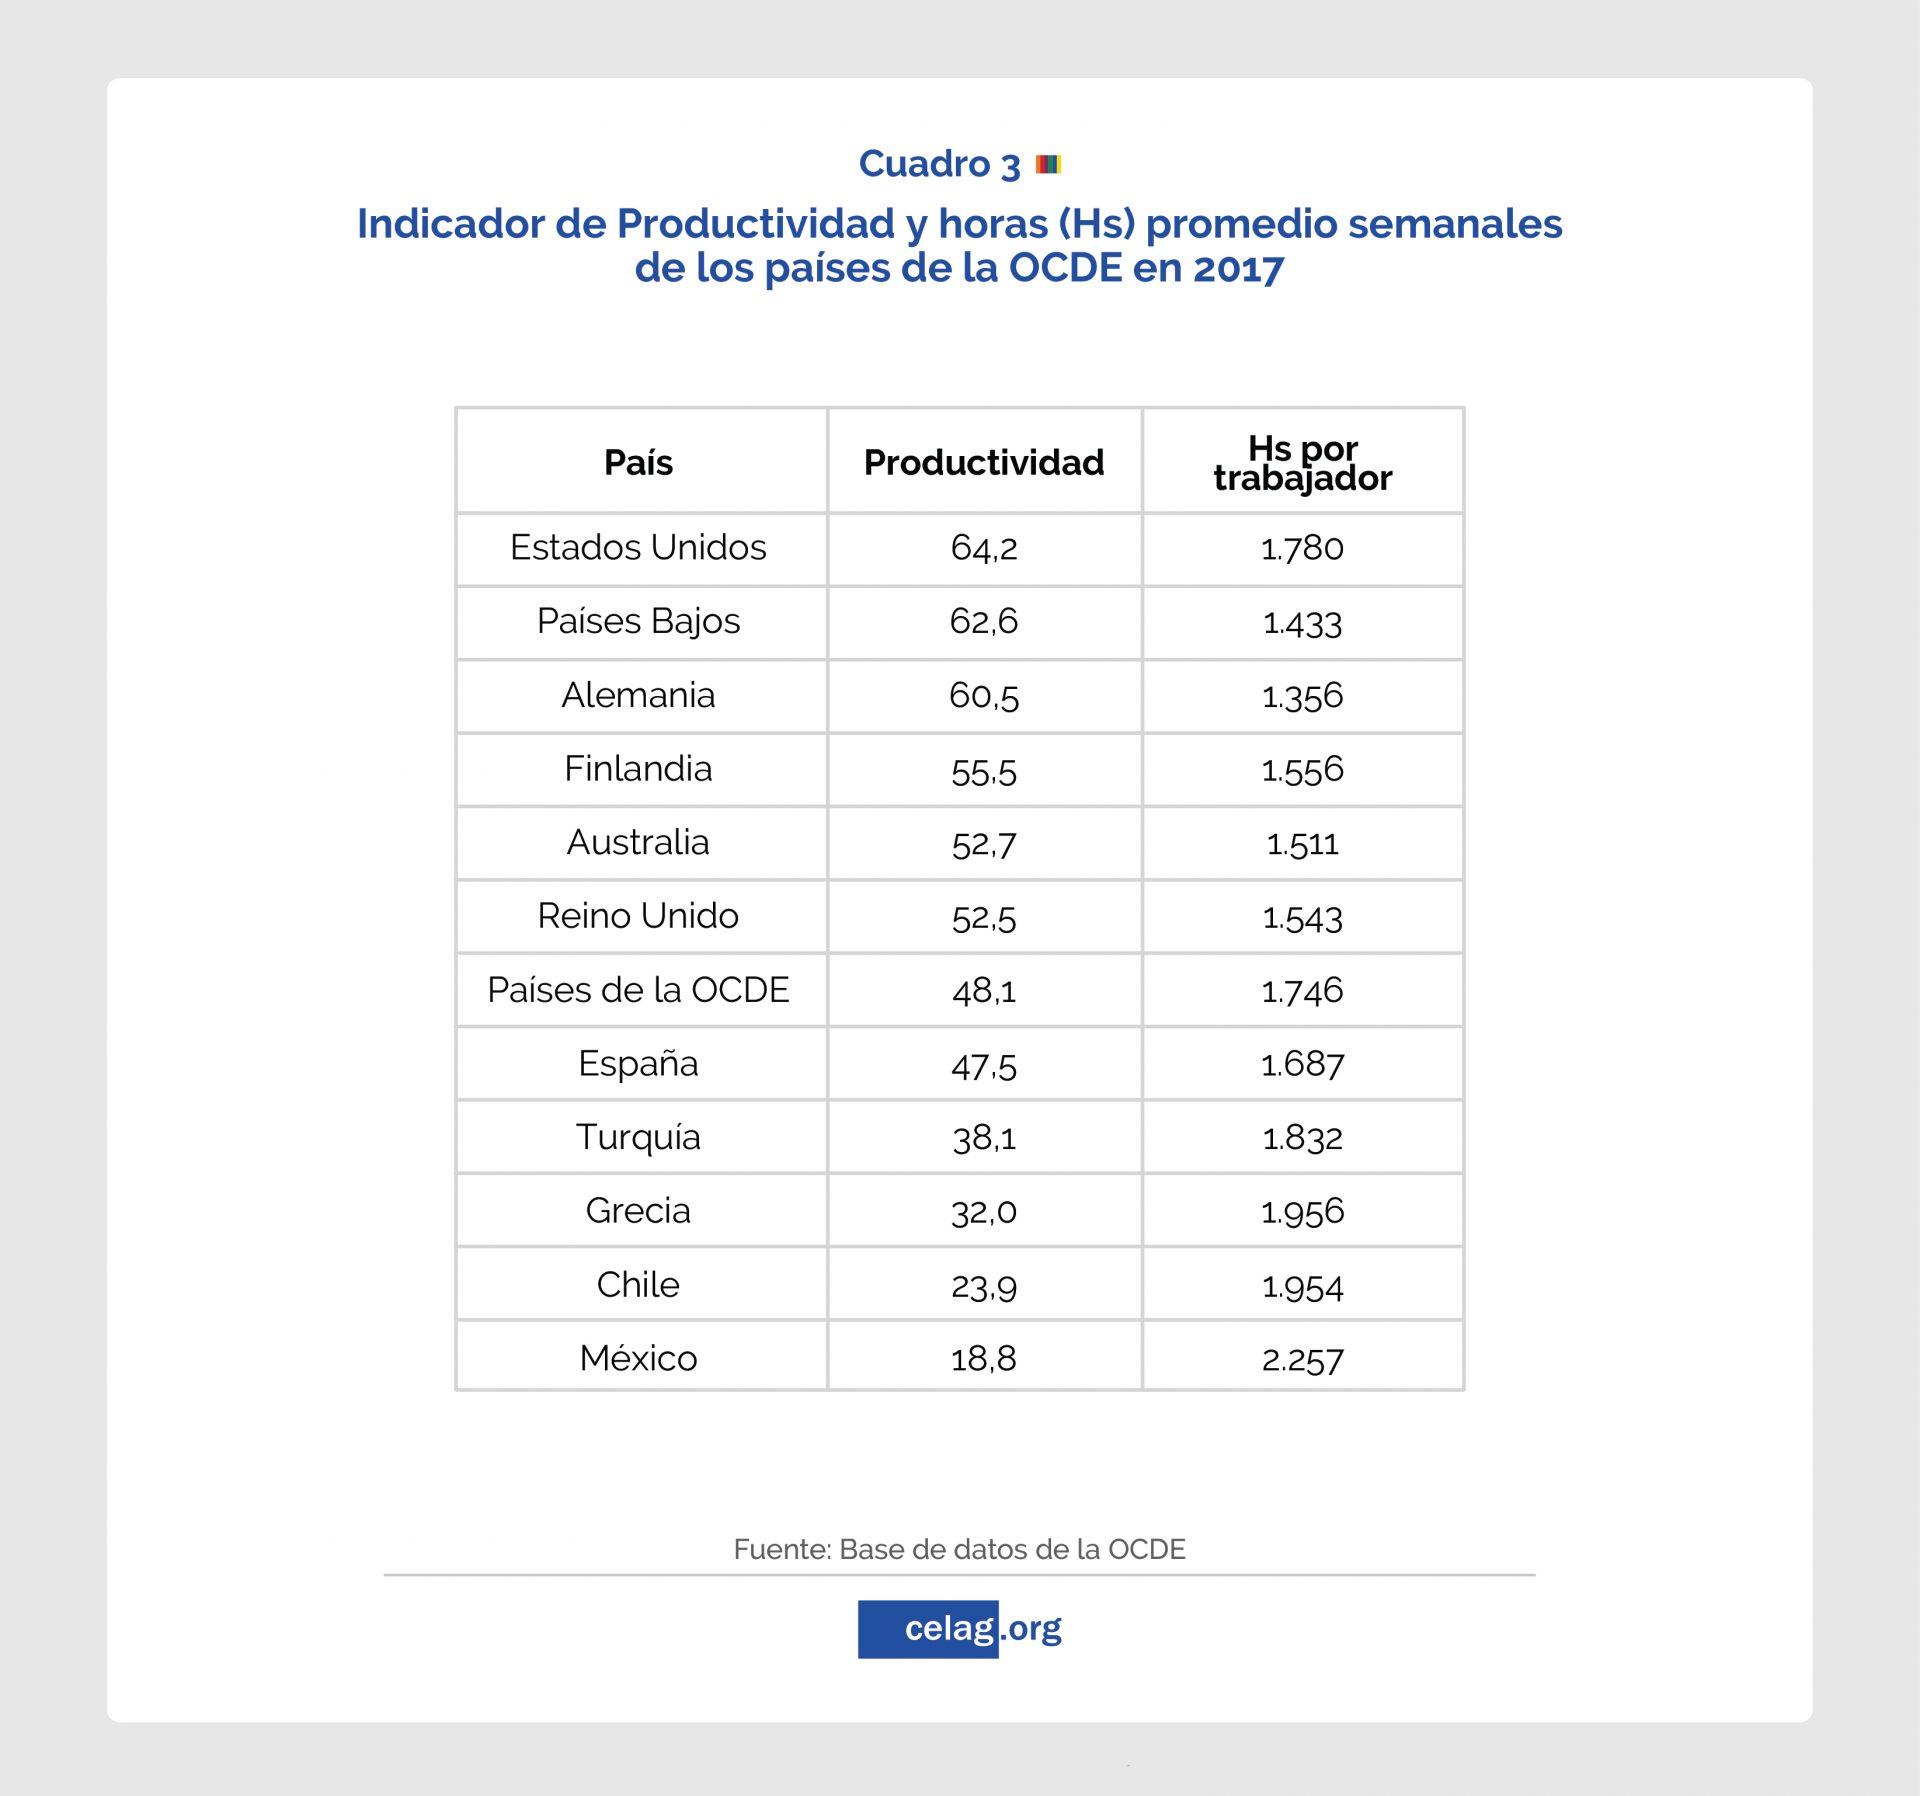 Apuntes económicos sobre la jornada laboral chilena